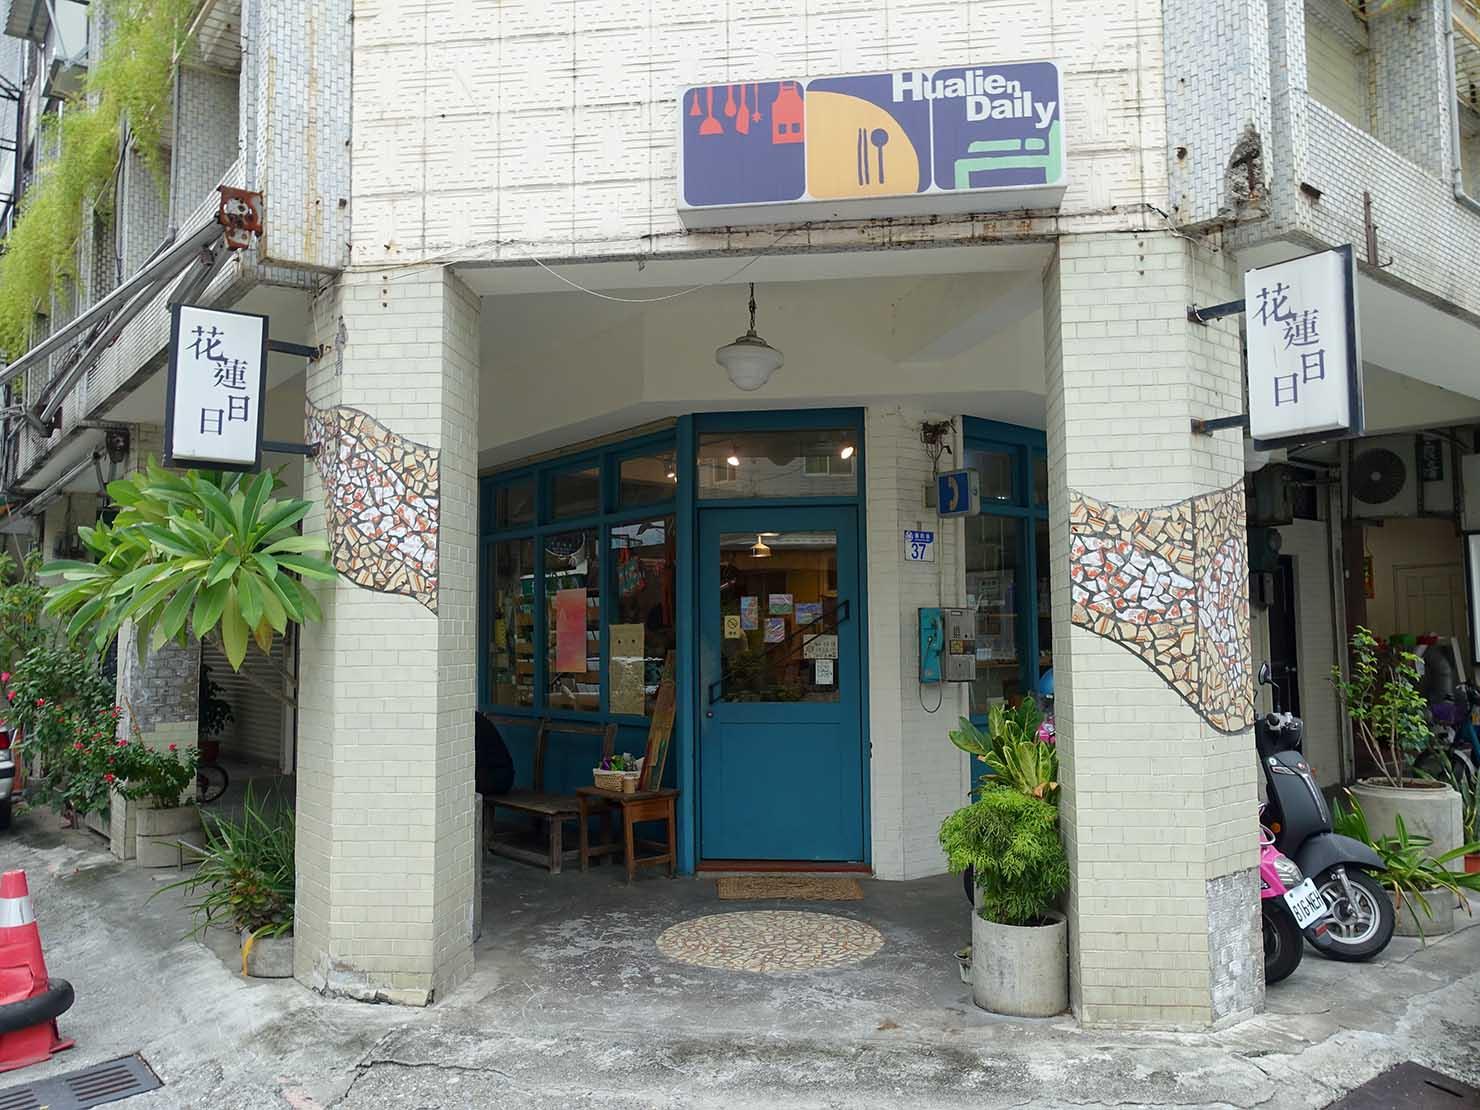 花蓮市街中心部のレトロかわいいおすすめゲストハウス「花蓮日日 Hualien dairy」の外観